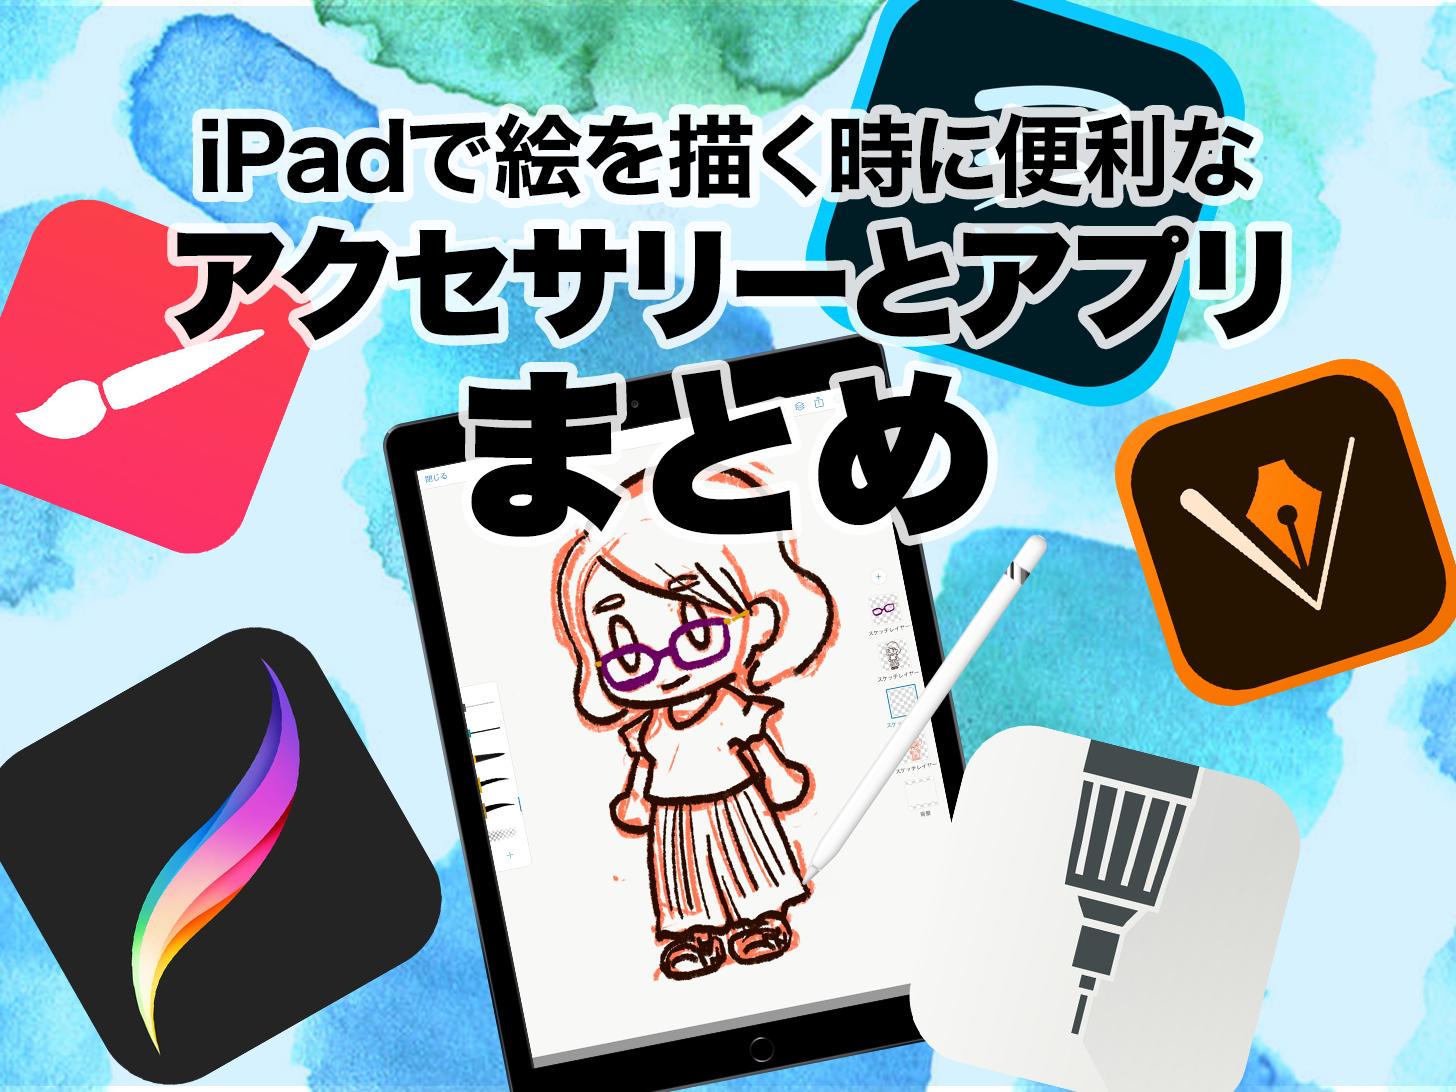 170905 iPadで絵を描く時に便利なアクセサリーとアプリまとめ文字入り